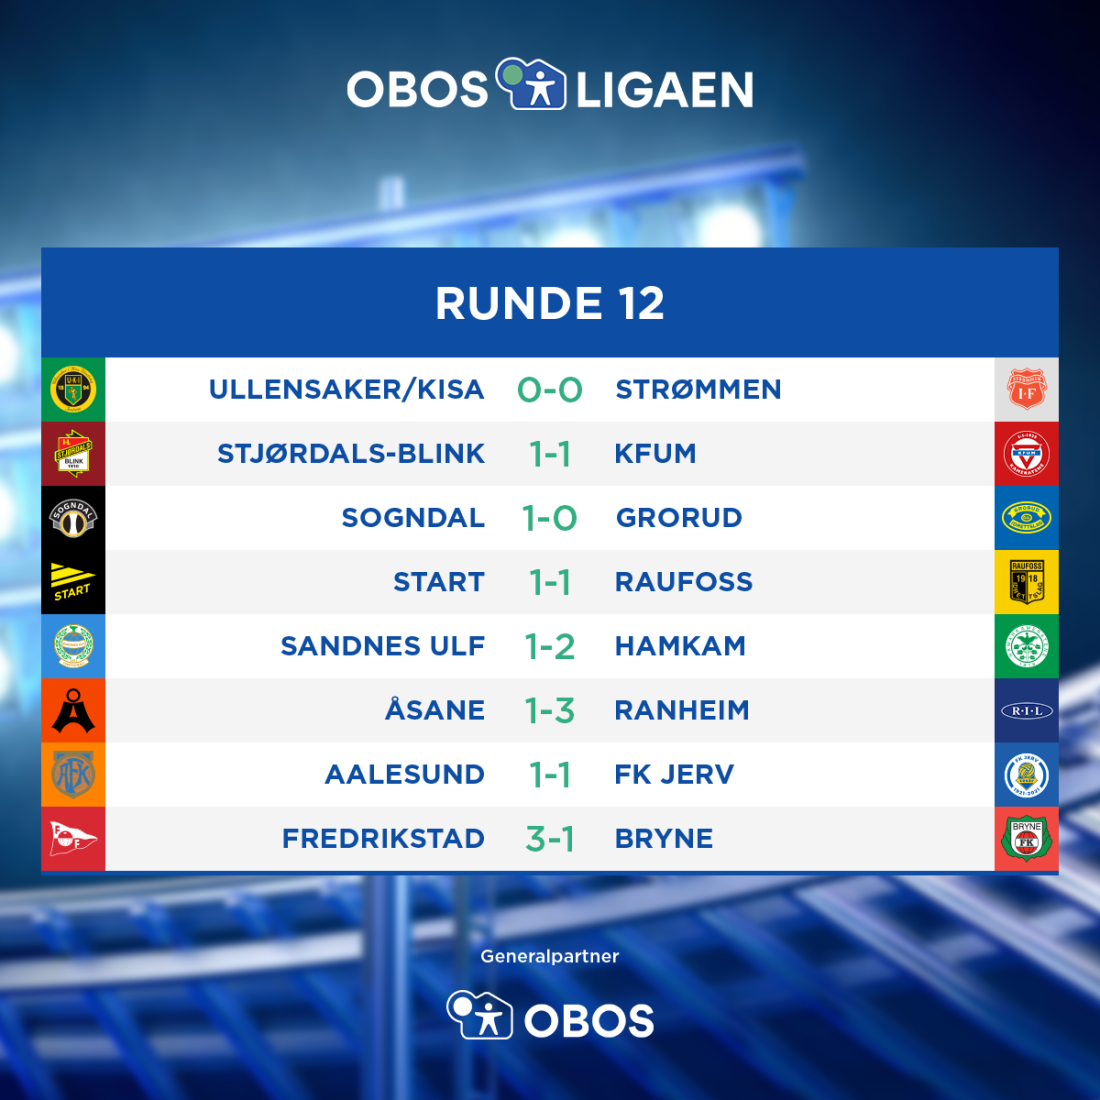 OBOS-ligaen - 2021 - Resultater - Runde 12.png